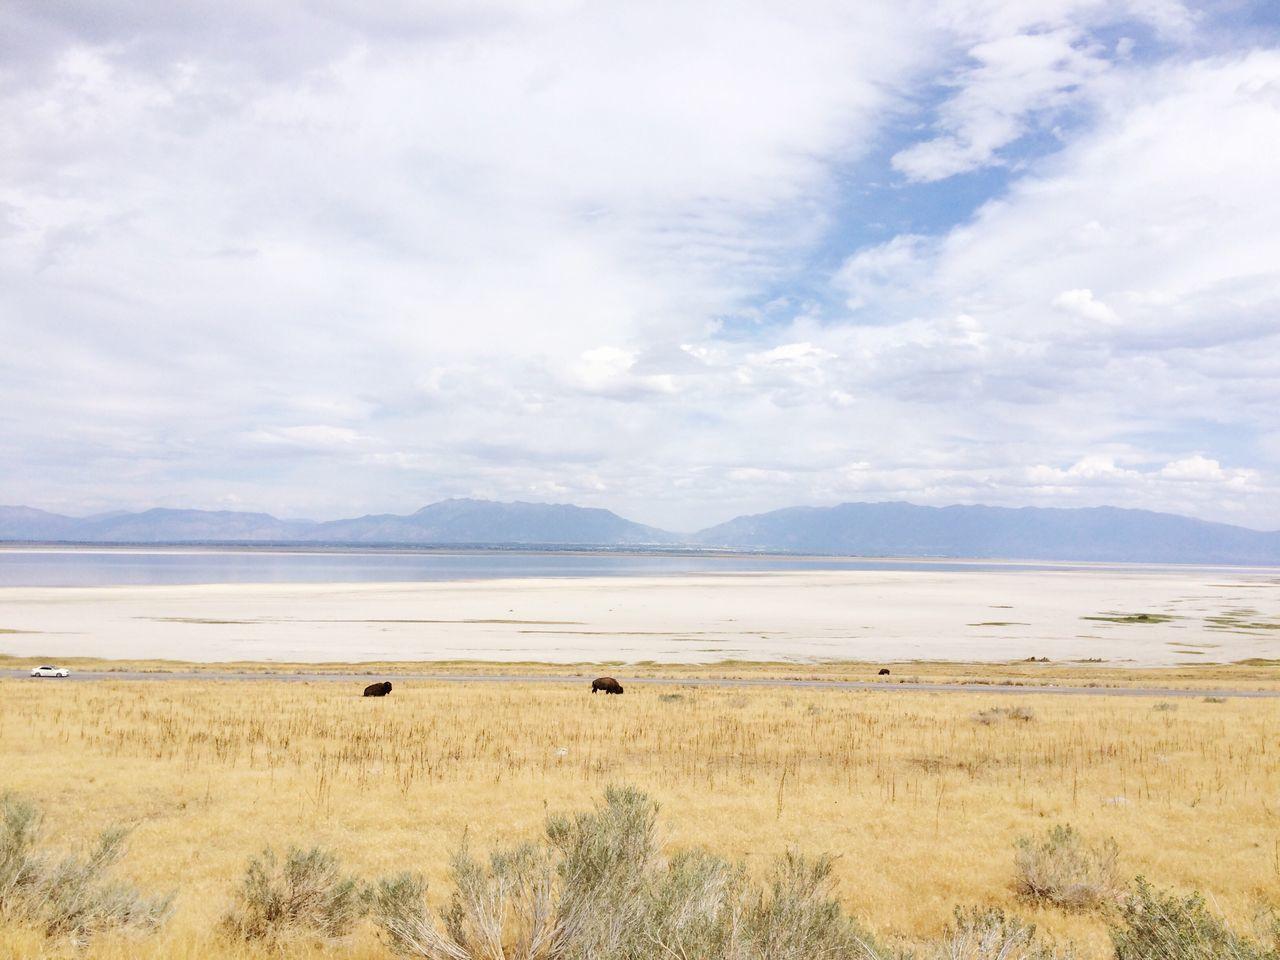 Bison Salt Lake City Antelope Island Lake Wildlife & Nature